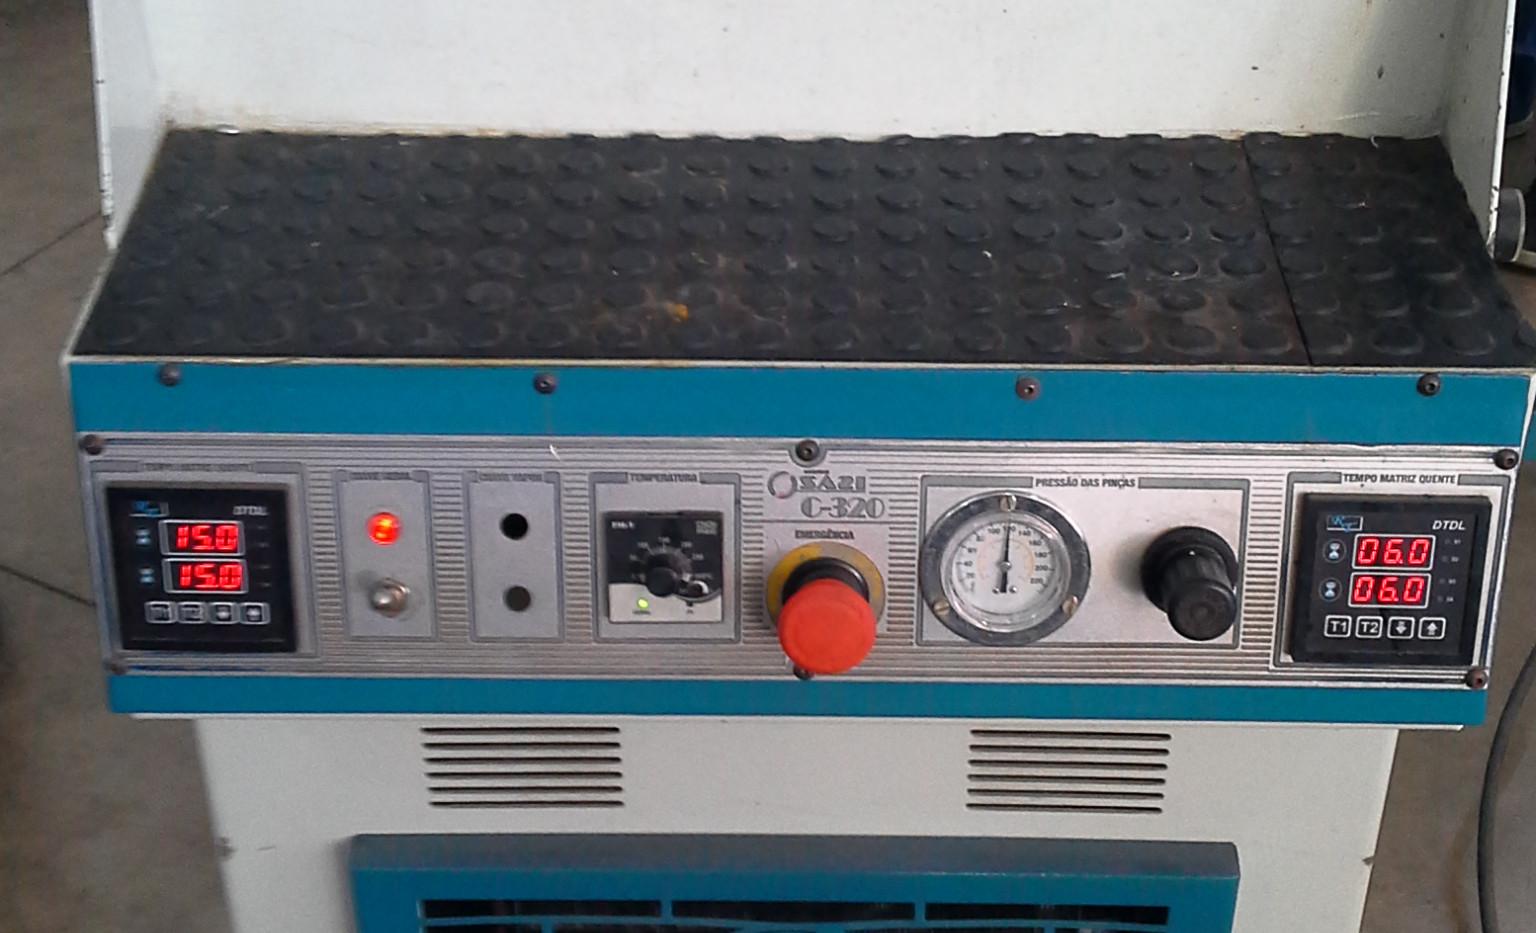 Máquina de Moldar Contra Forte Quente e Fria Mod. C-320